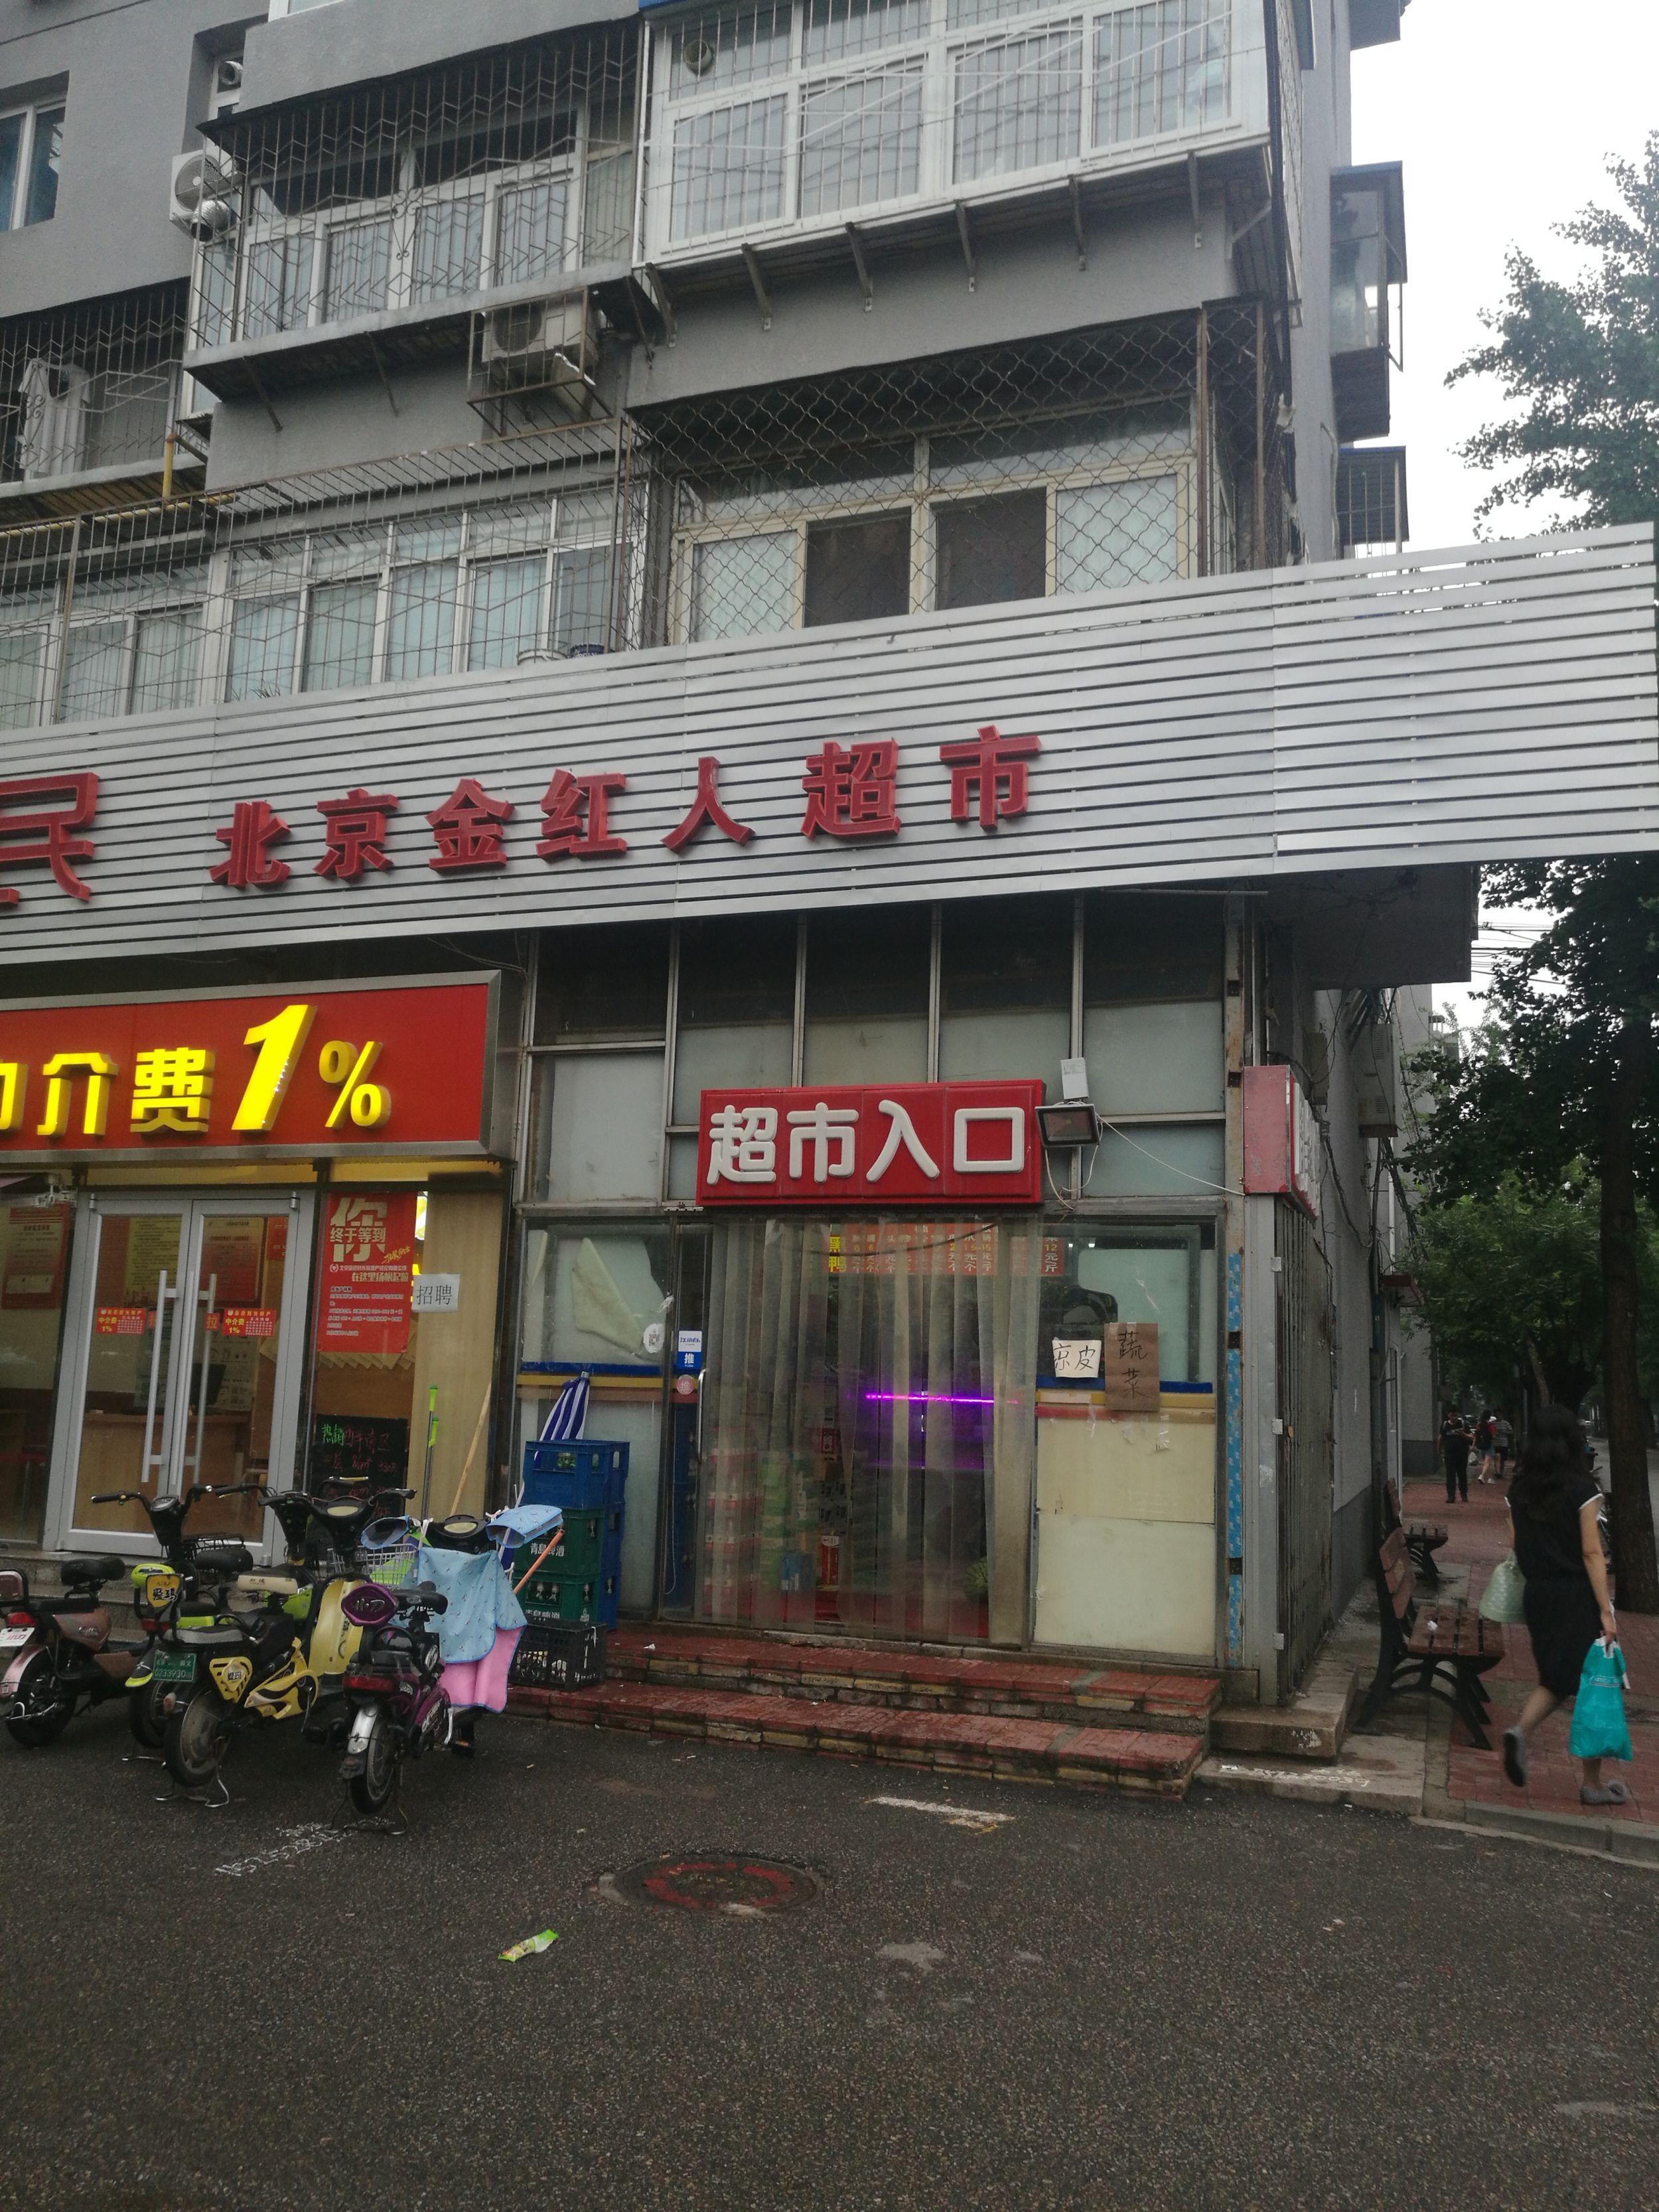 小浣熊_4759: 北京世纪金源购物中心是北京最大的购物休闲中心.